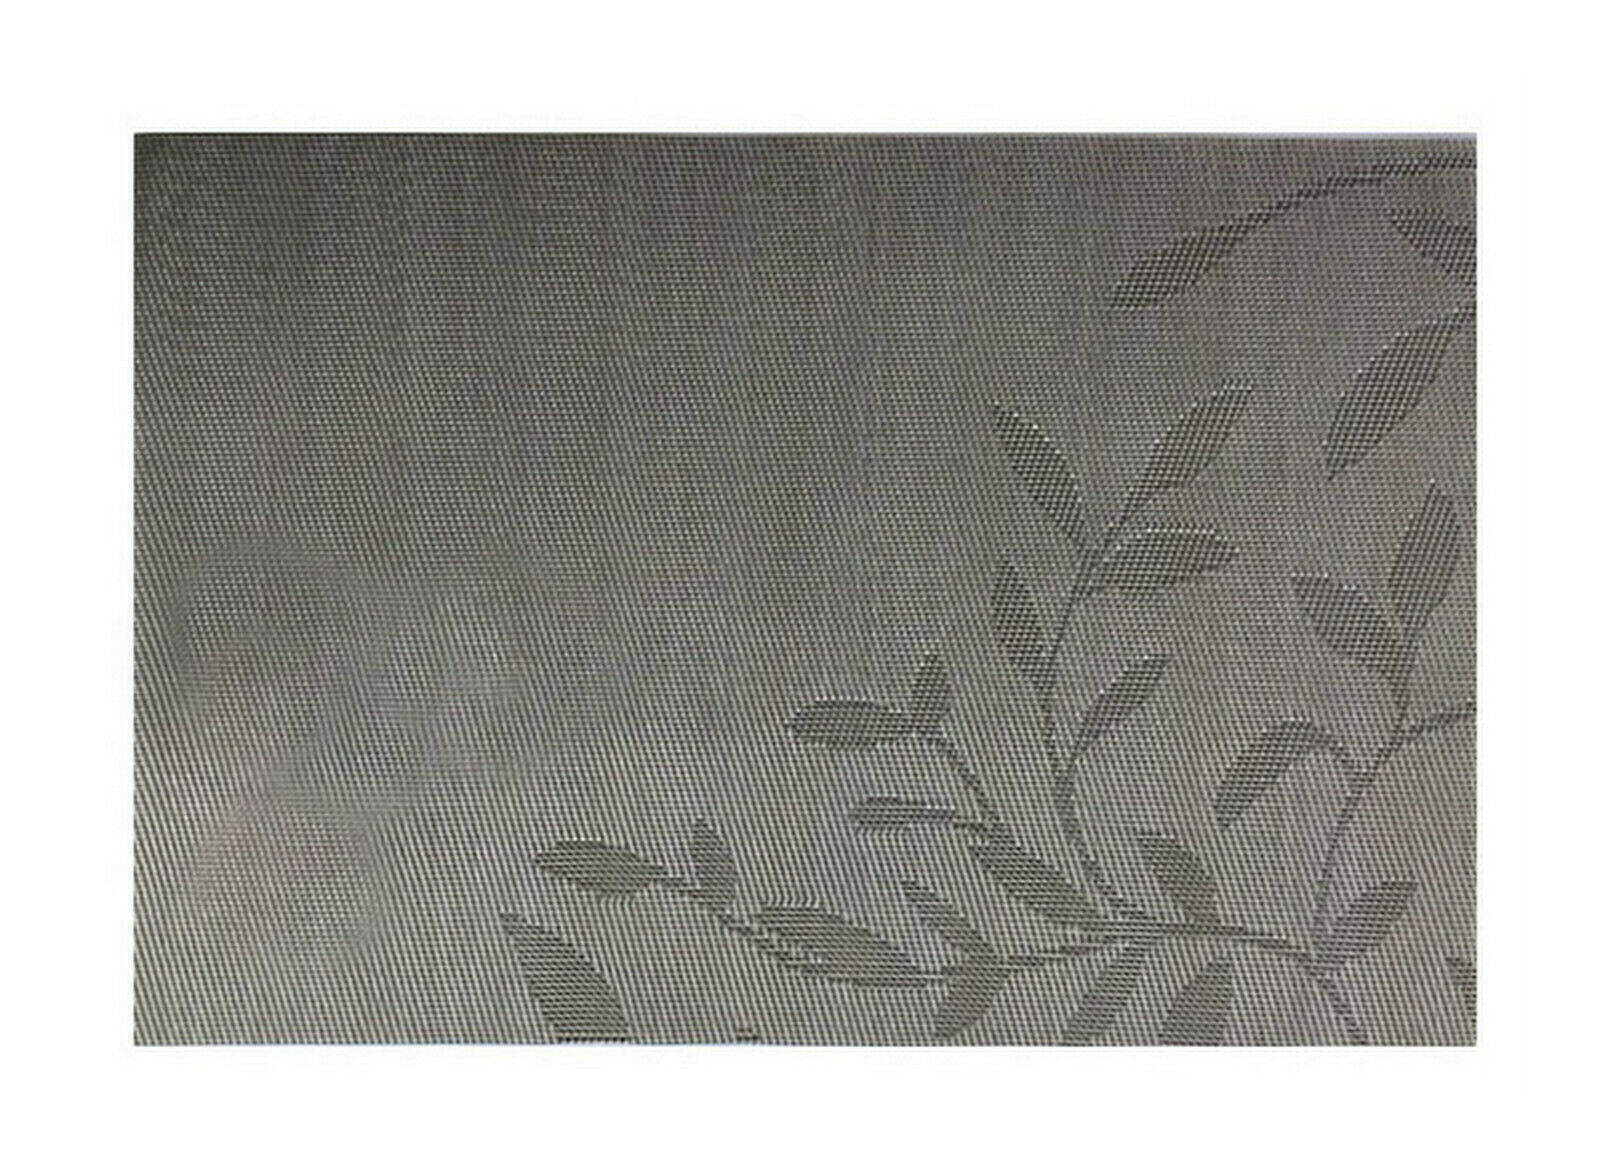 Tischset Platzdeckchen Platzset 45x30 cm abwaschbar Kunststoff PVC versch. Motiv - Blätter Design (Taupe metallic)